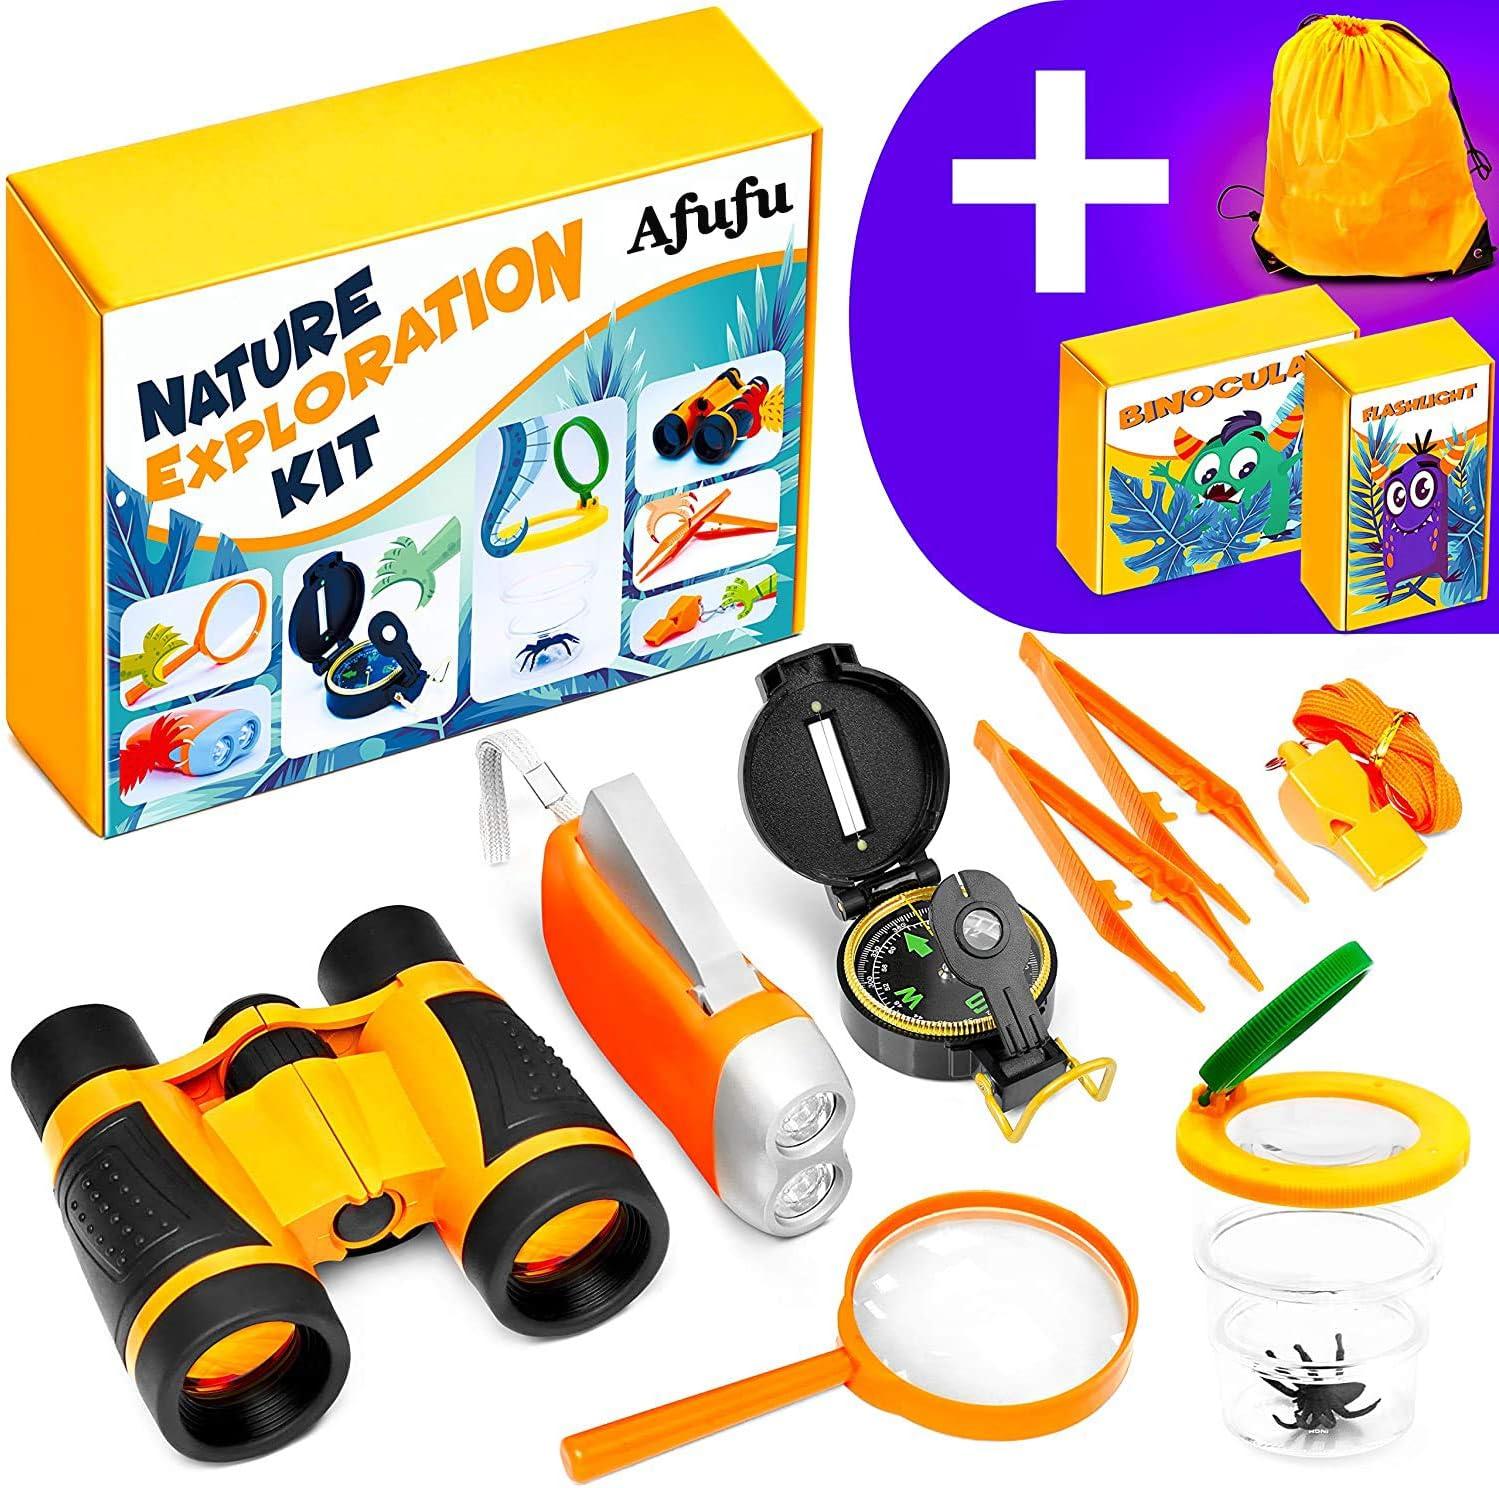 Afufu Juguetes de exploración, 10 Piezas Kit de Binoculares para Niños, Juguetes niños 4 5 6 7 8 9 años Educativos Regalo de Cumpleaños para Niños con Mochila Brújula Binoculars: Amazon.es: Juguetes y juegos